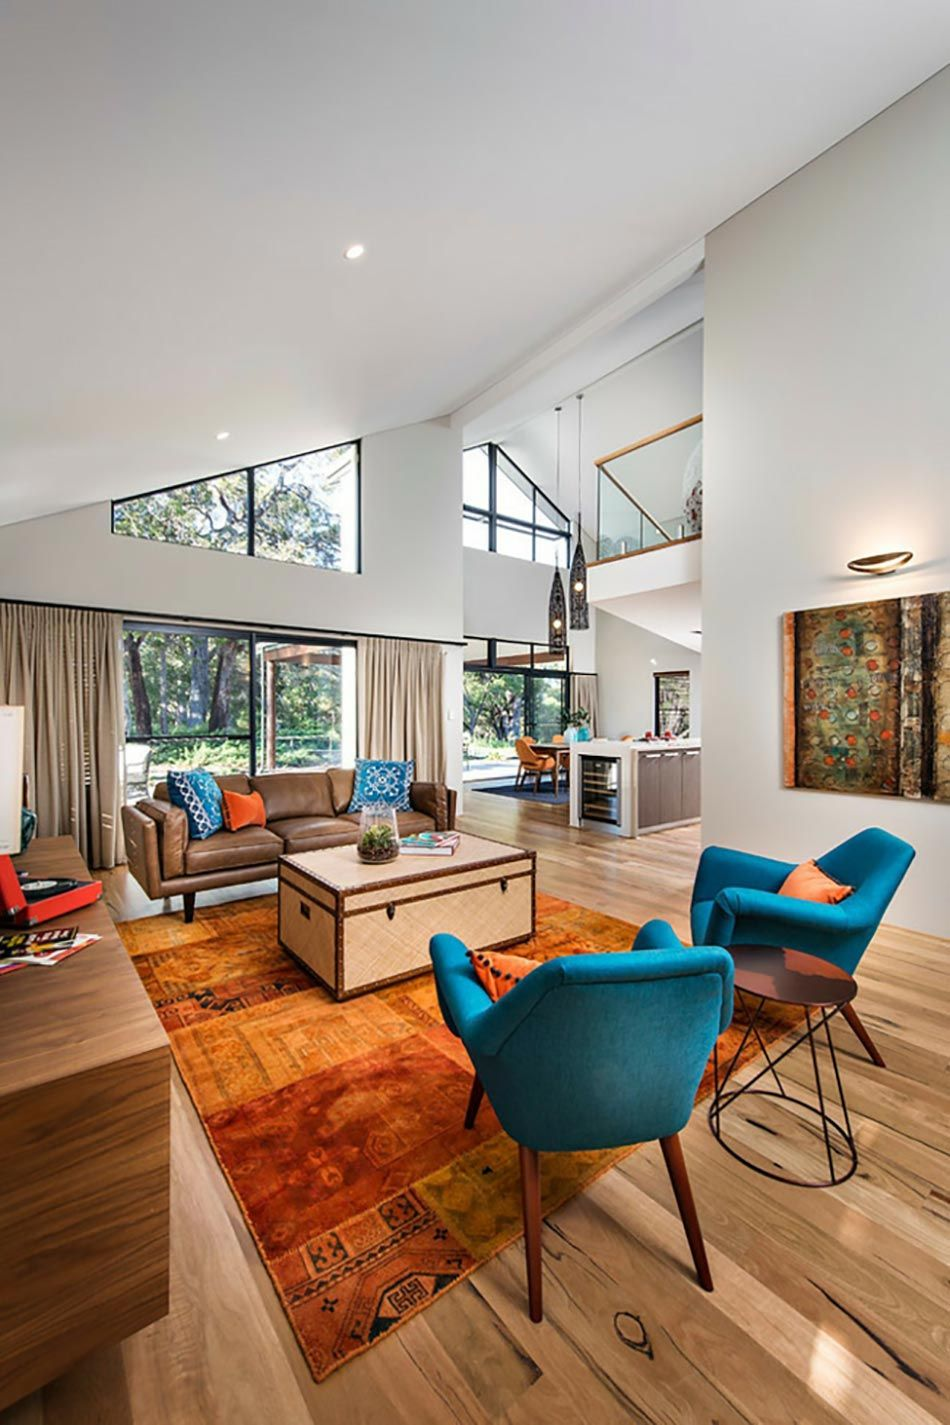 Design Stay The Eternal Play Of Light And Space Header Citizenm Garede Delyon Nimbatus Hote Moderne Häuser Mit Satteldach Modernes Haus Innenarchitektur